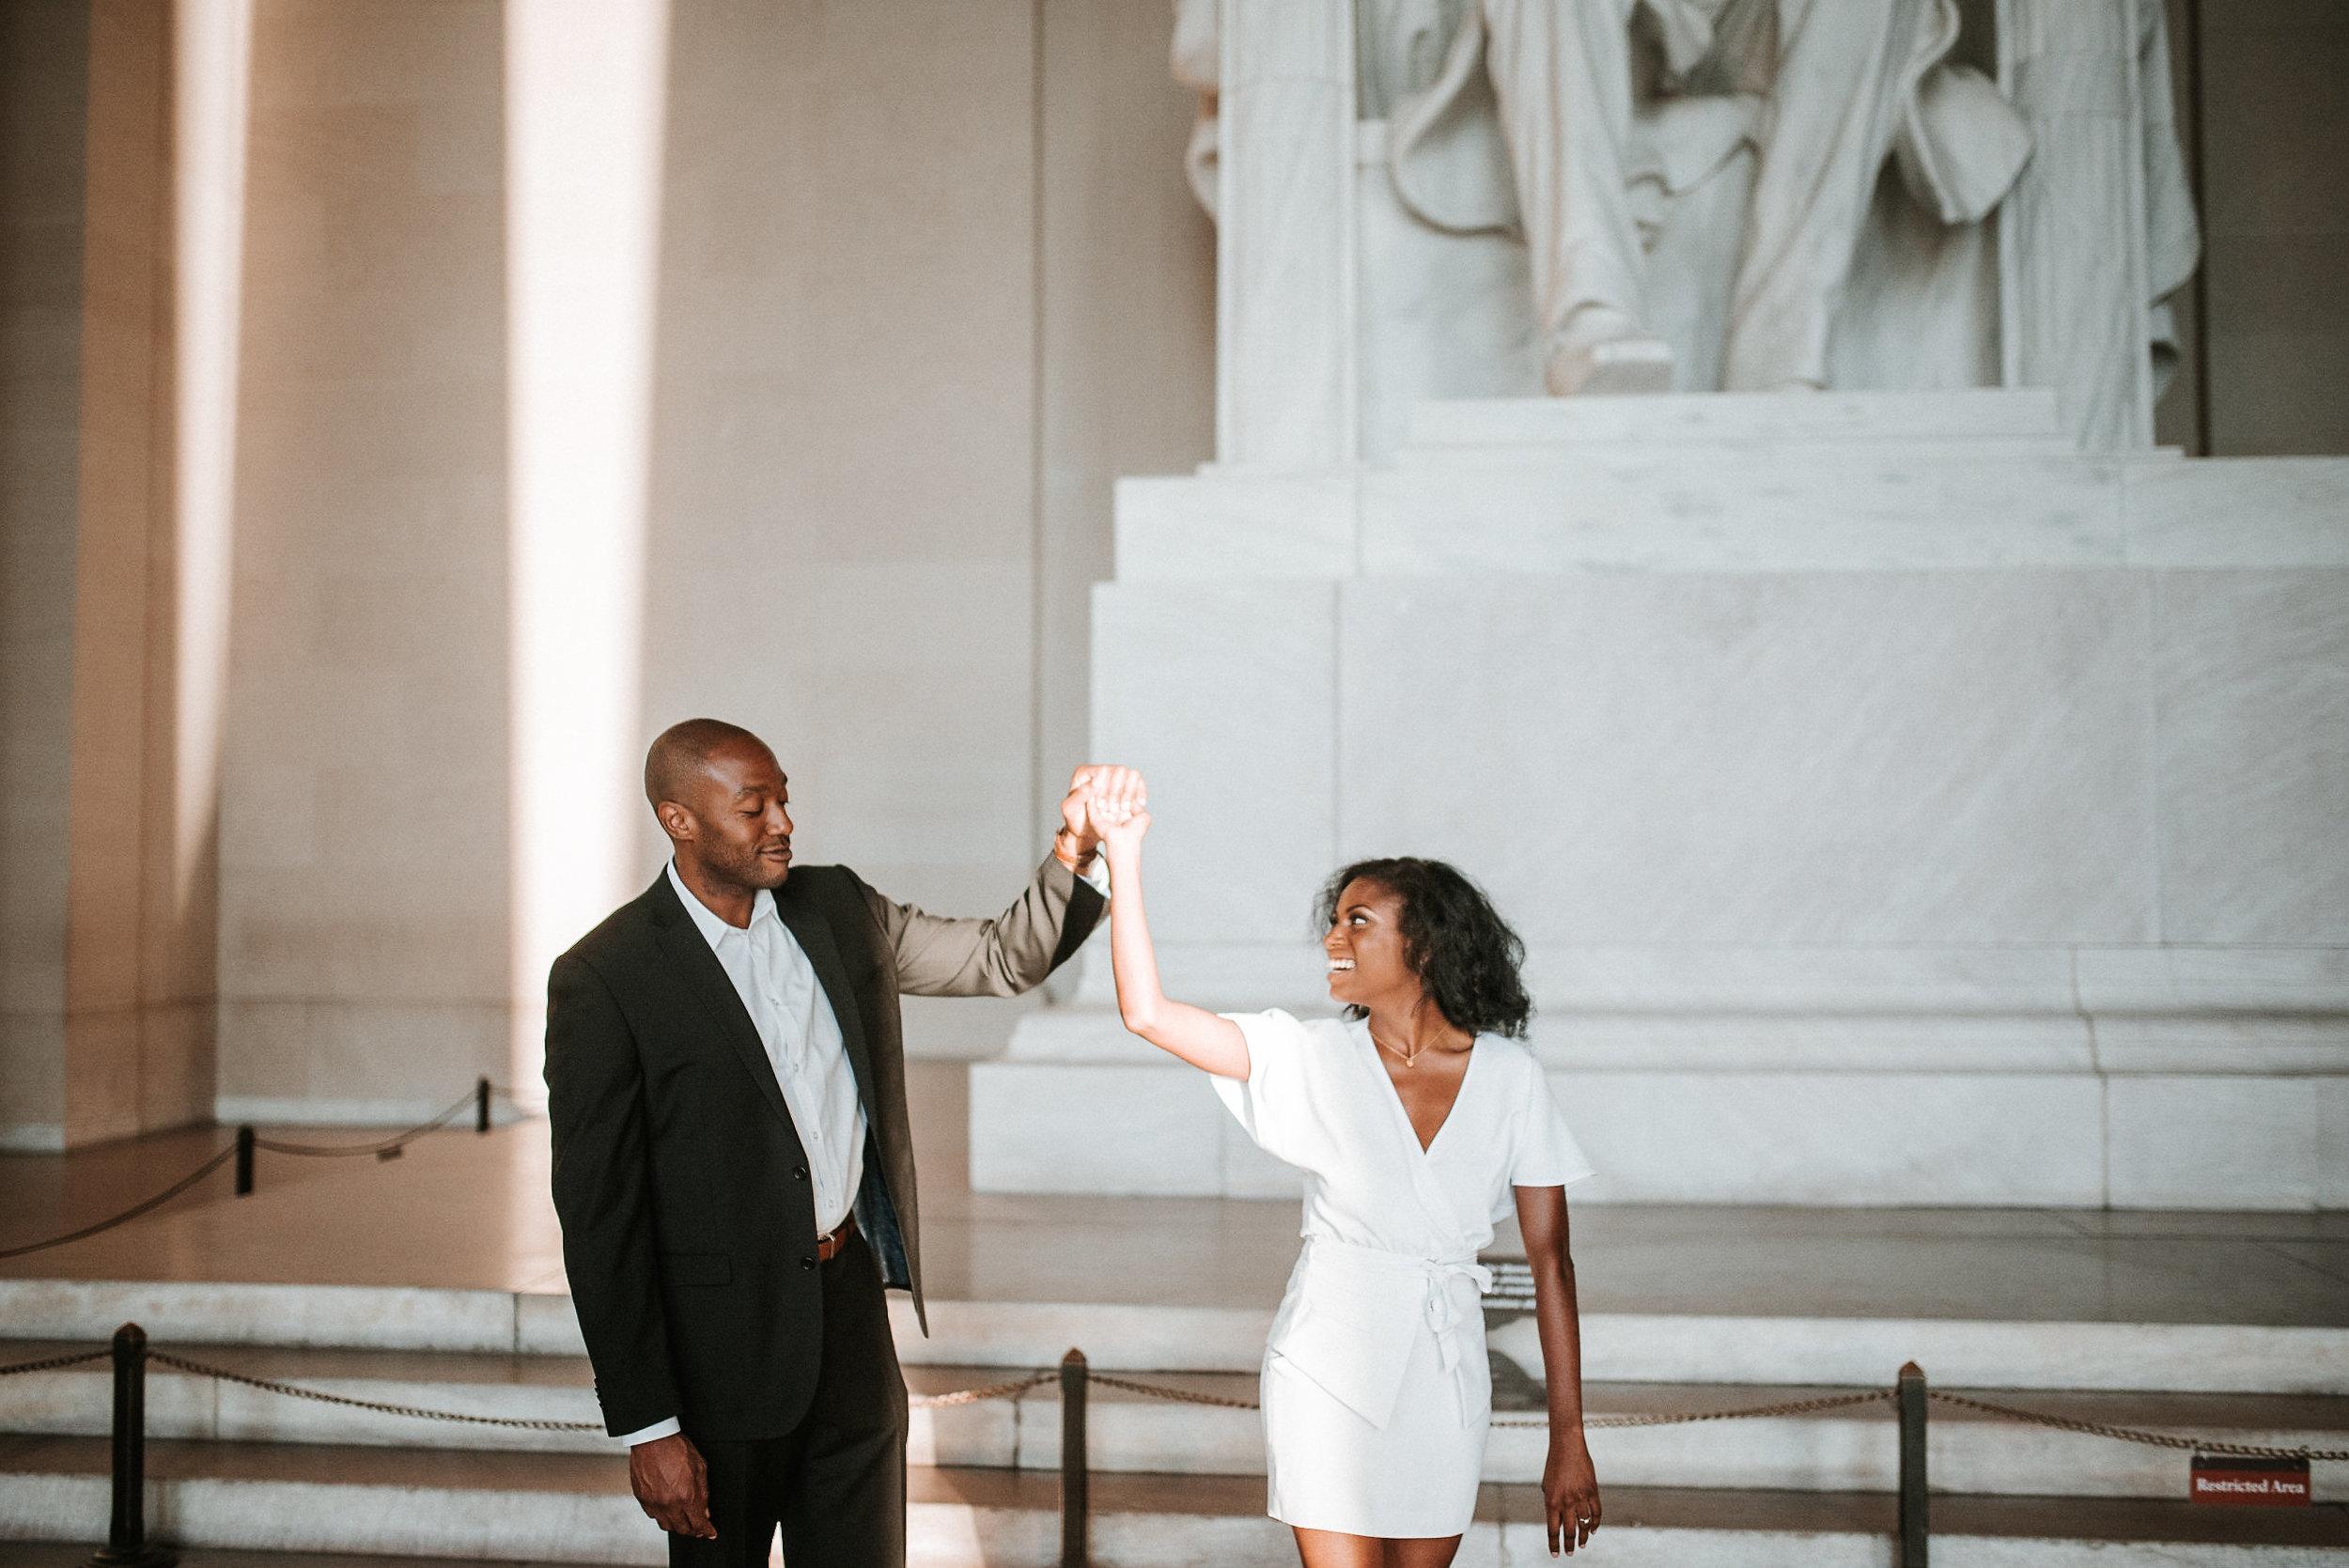 Couple dancing at Lincoln Memorial